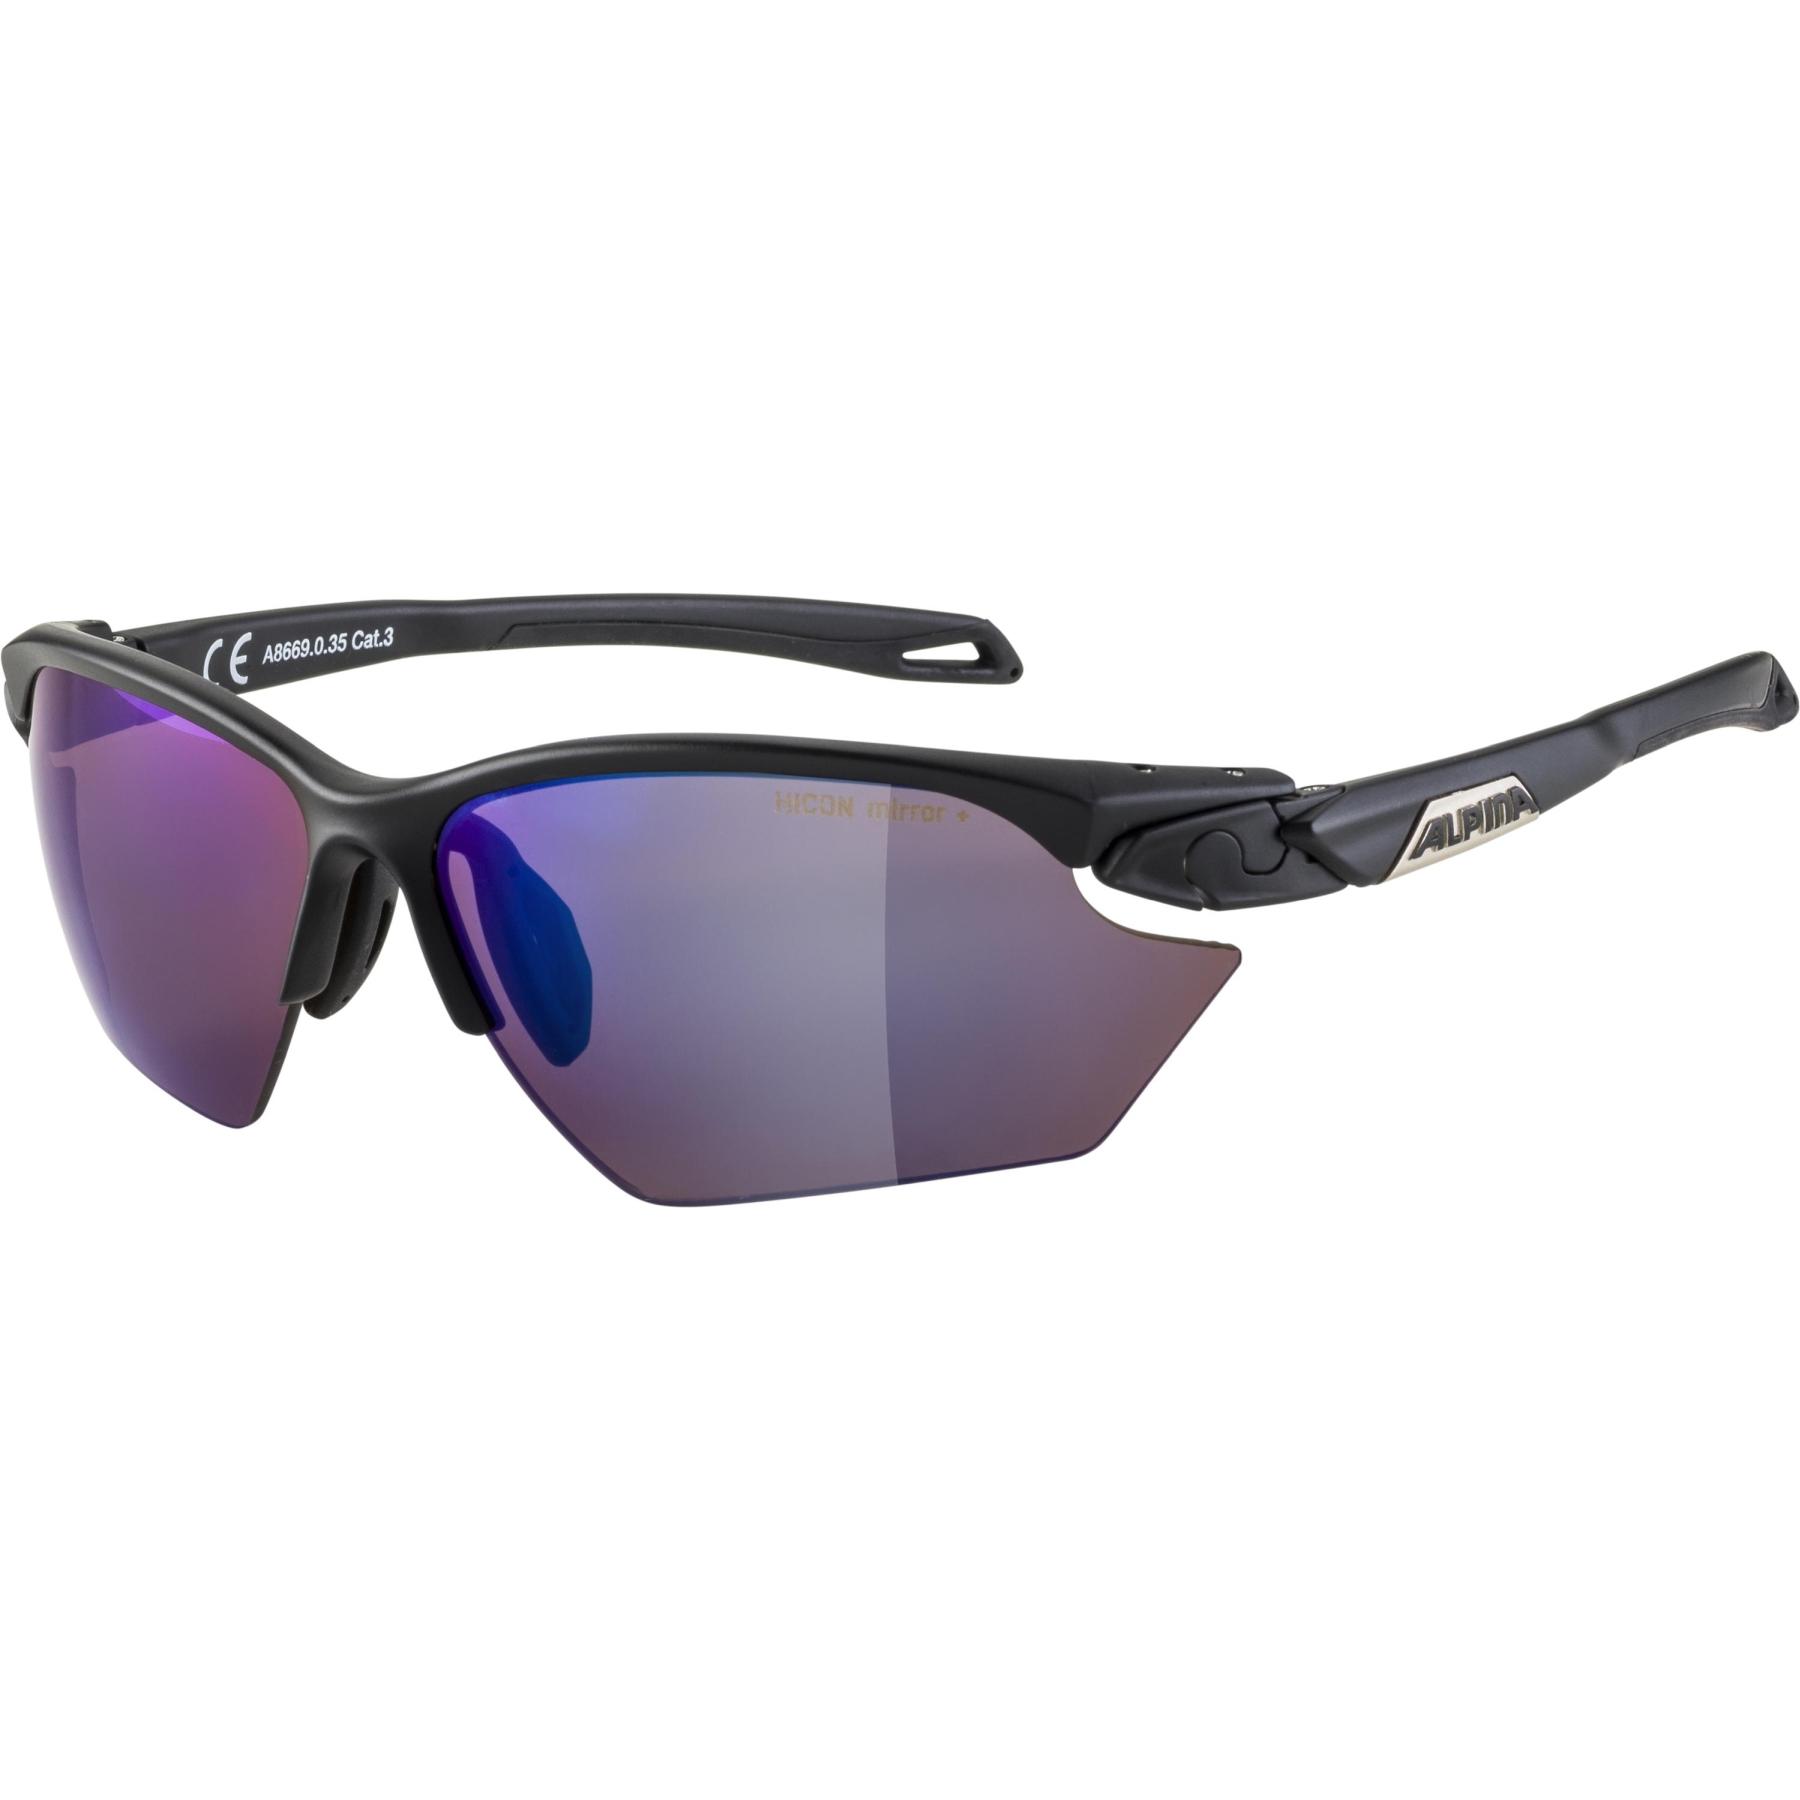 Alpina Twist five HR S HM+ Glasses - black matt / Hicon blue mirror